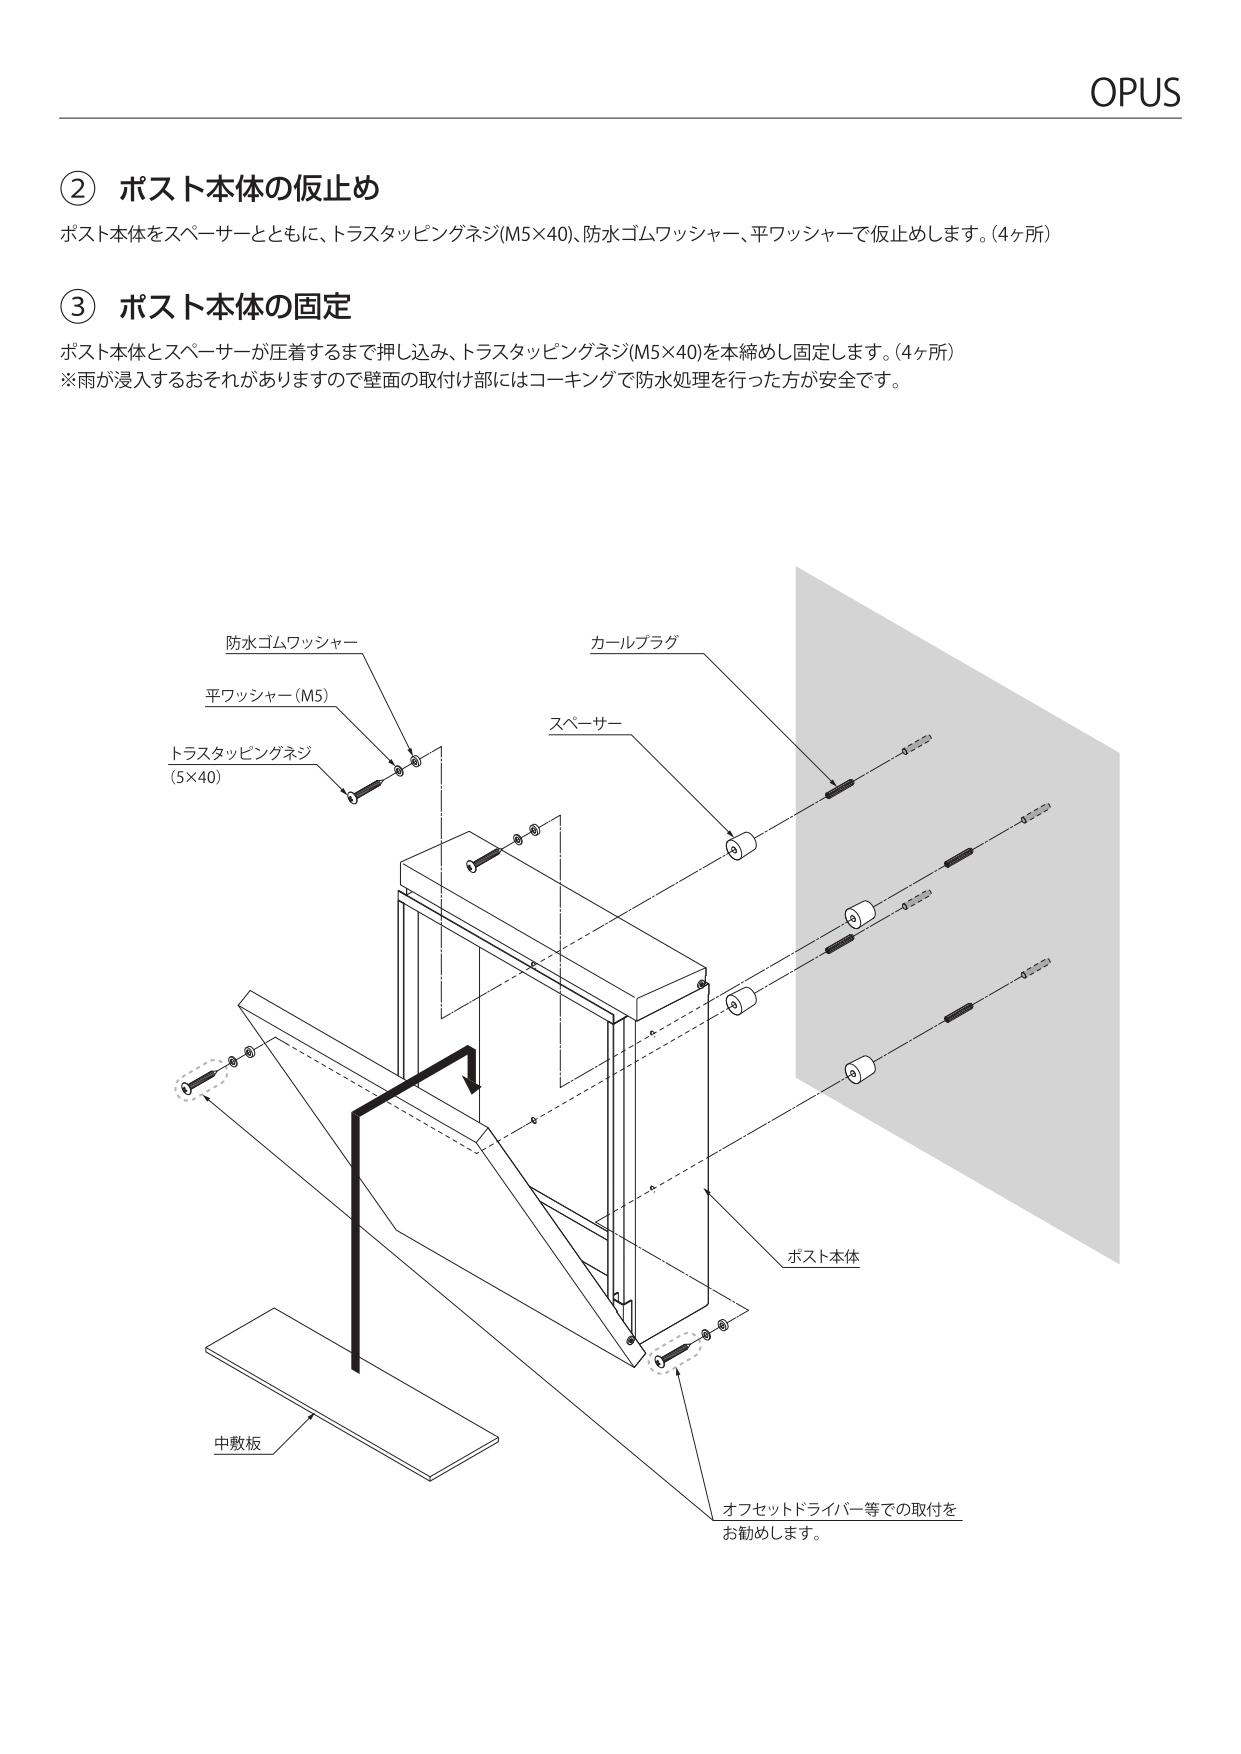 オーパス 施工説明書_page-0004